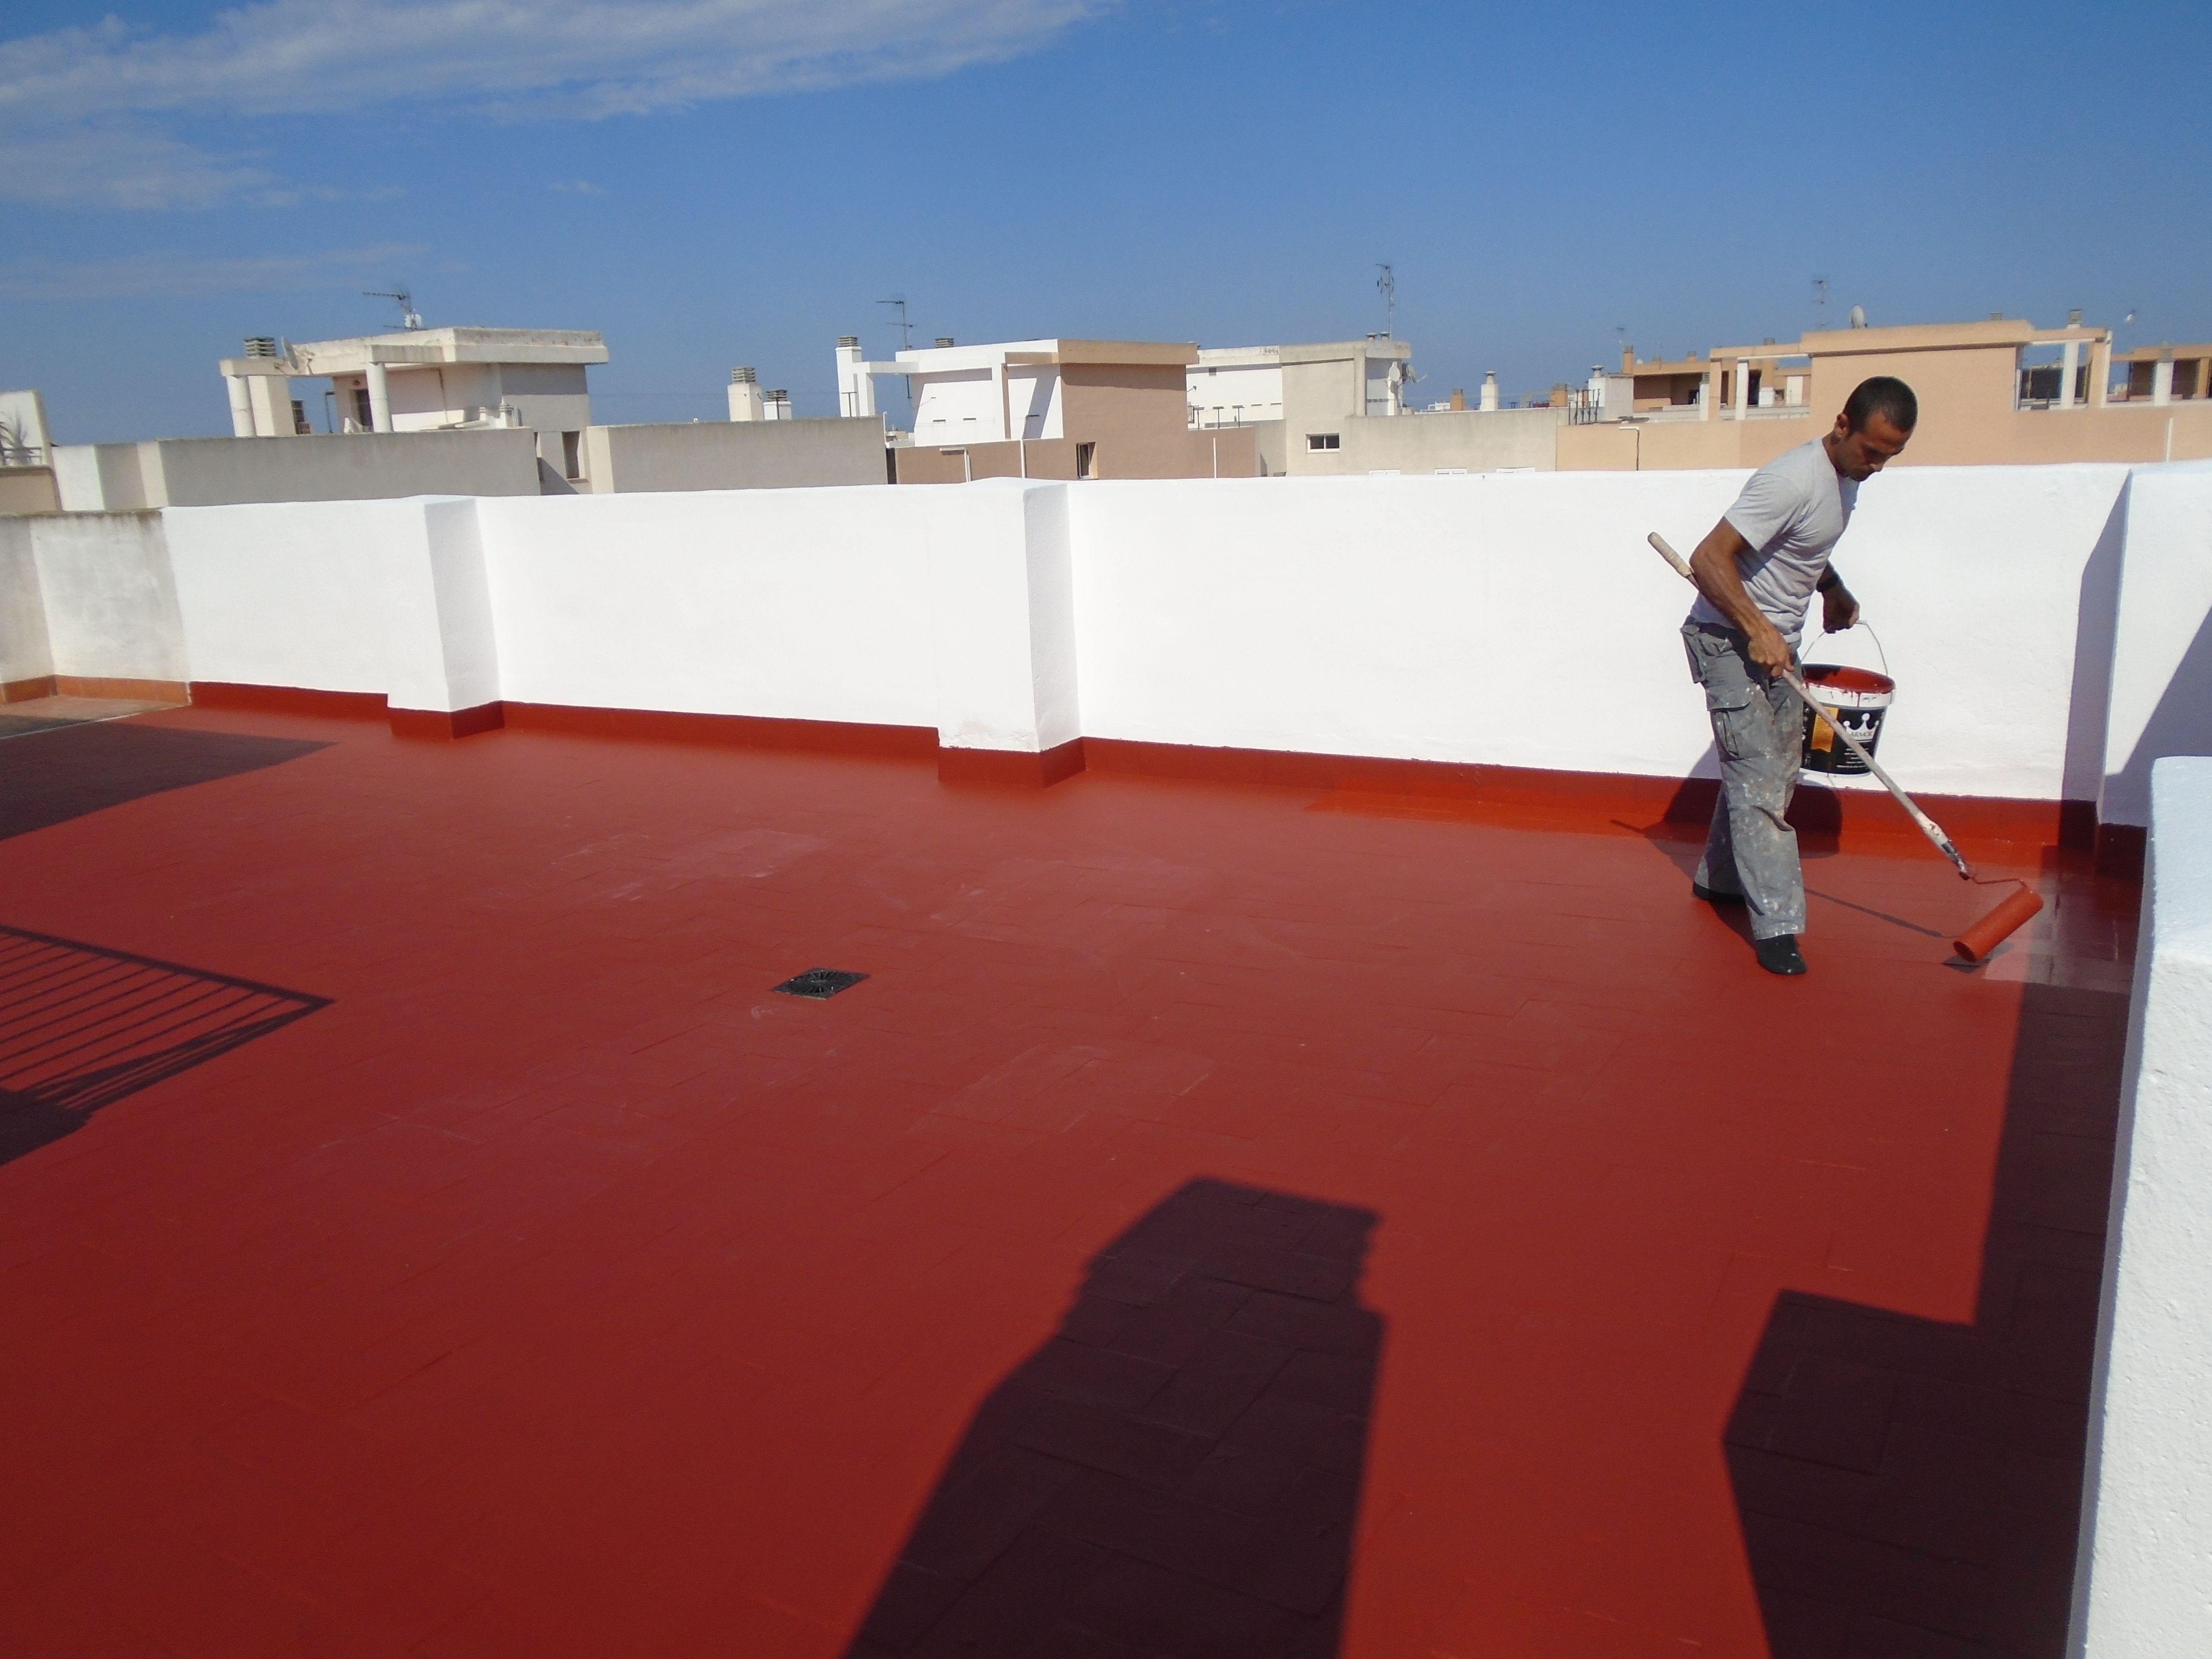 Impermeabilizacion De Terrazas En Valencia Mediante Trabajos Verticales Www Solvertvalencia Com En 2020 Terrazas Hidrofugante Filtracion De Agua